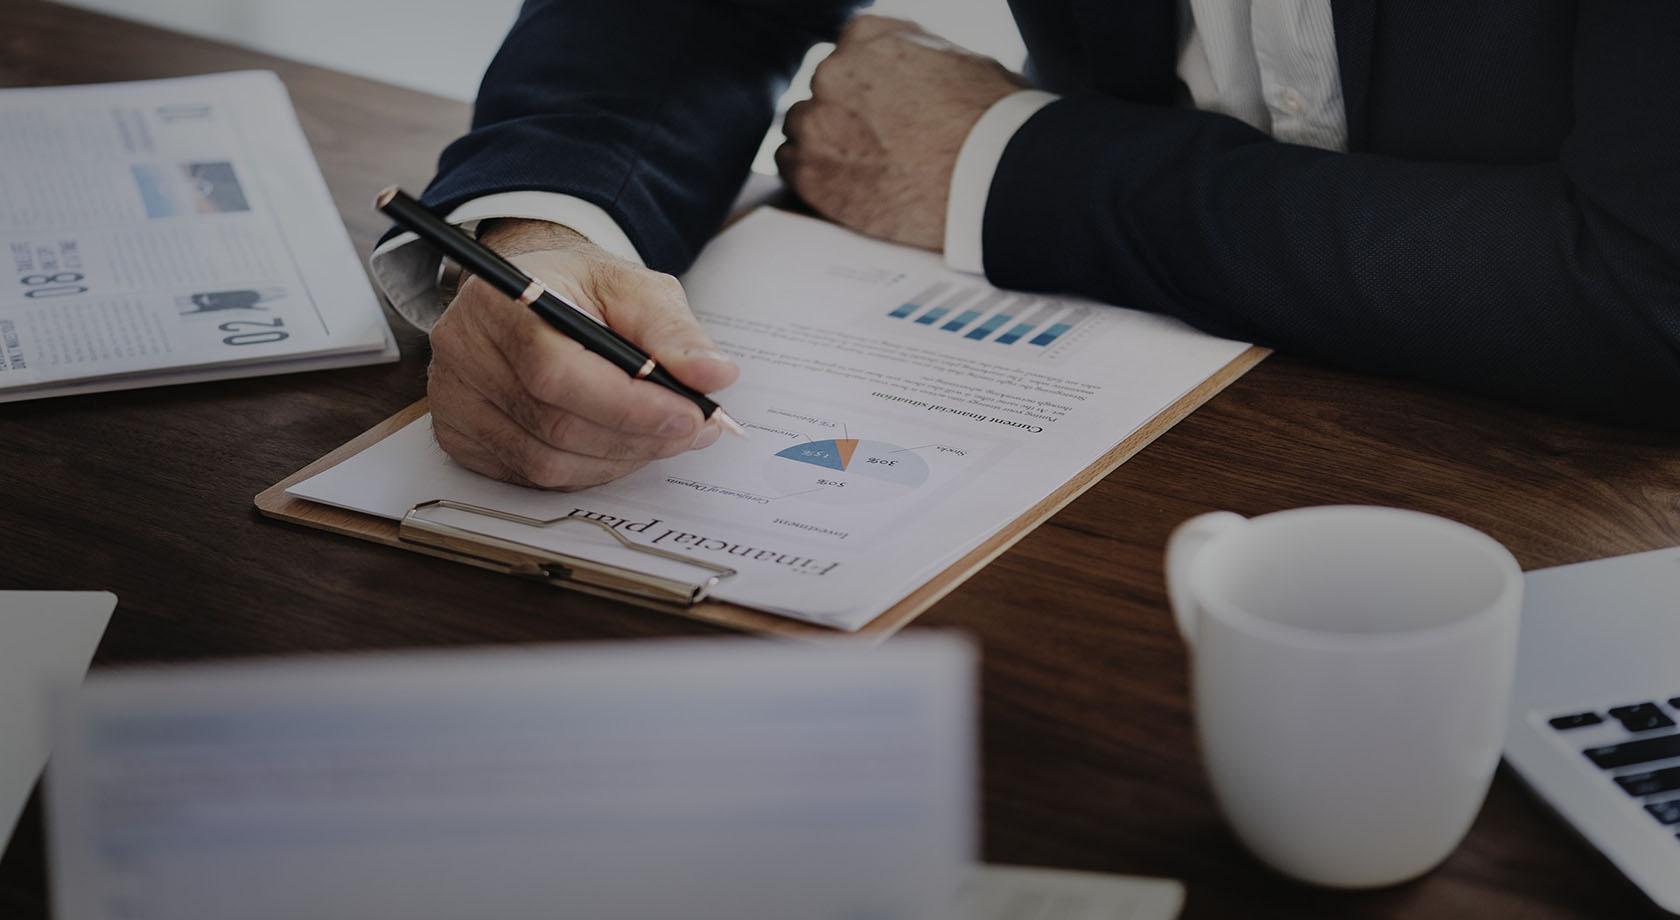 Стратегия и контекст бизнеса